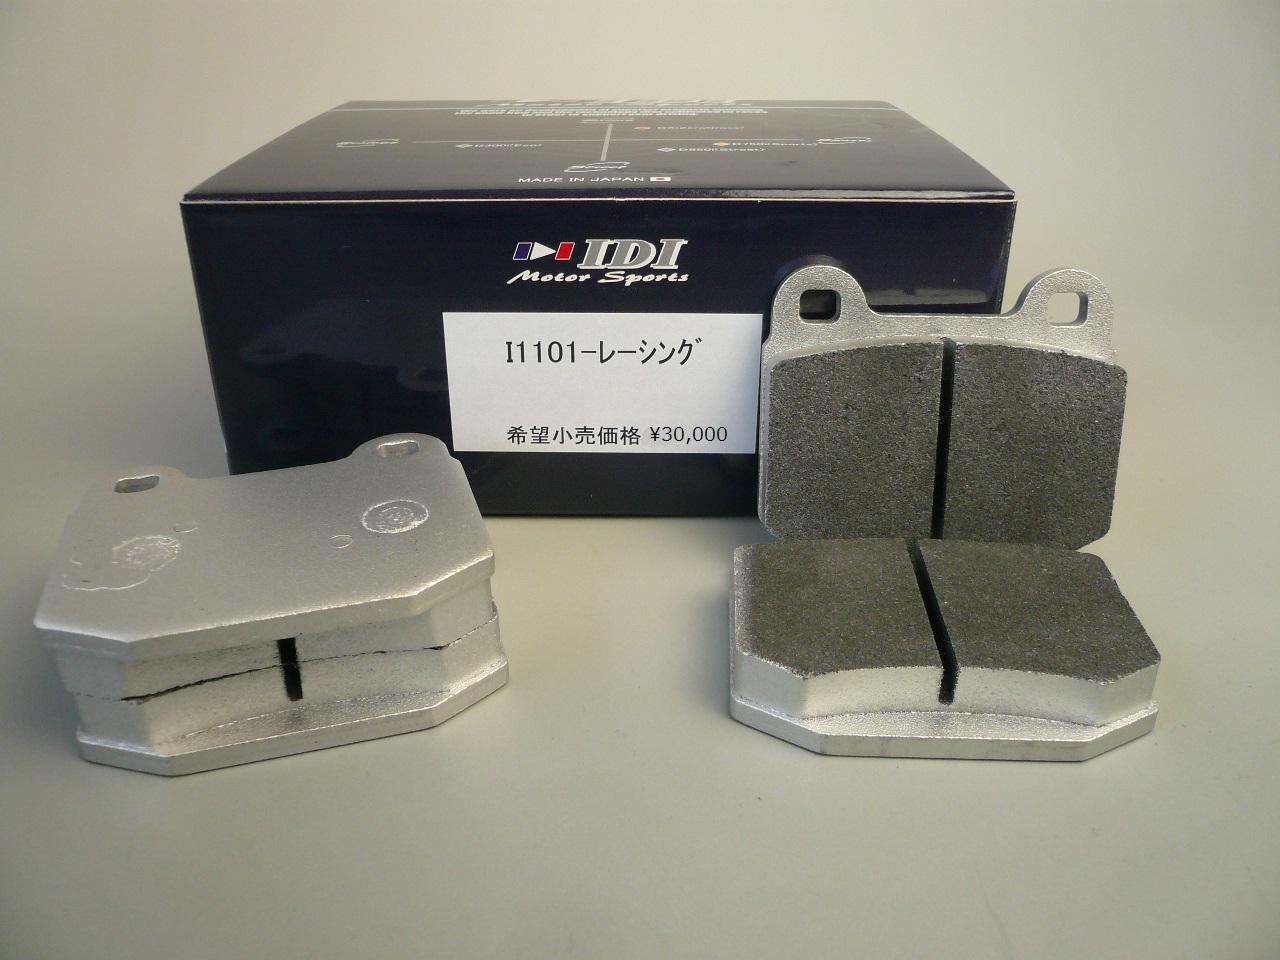 SJRオリジナル IDIブレーキパッド レーシング前後セット ロータスエリーゼ/エクシージ/211用